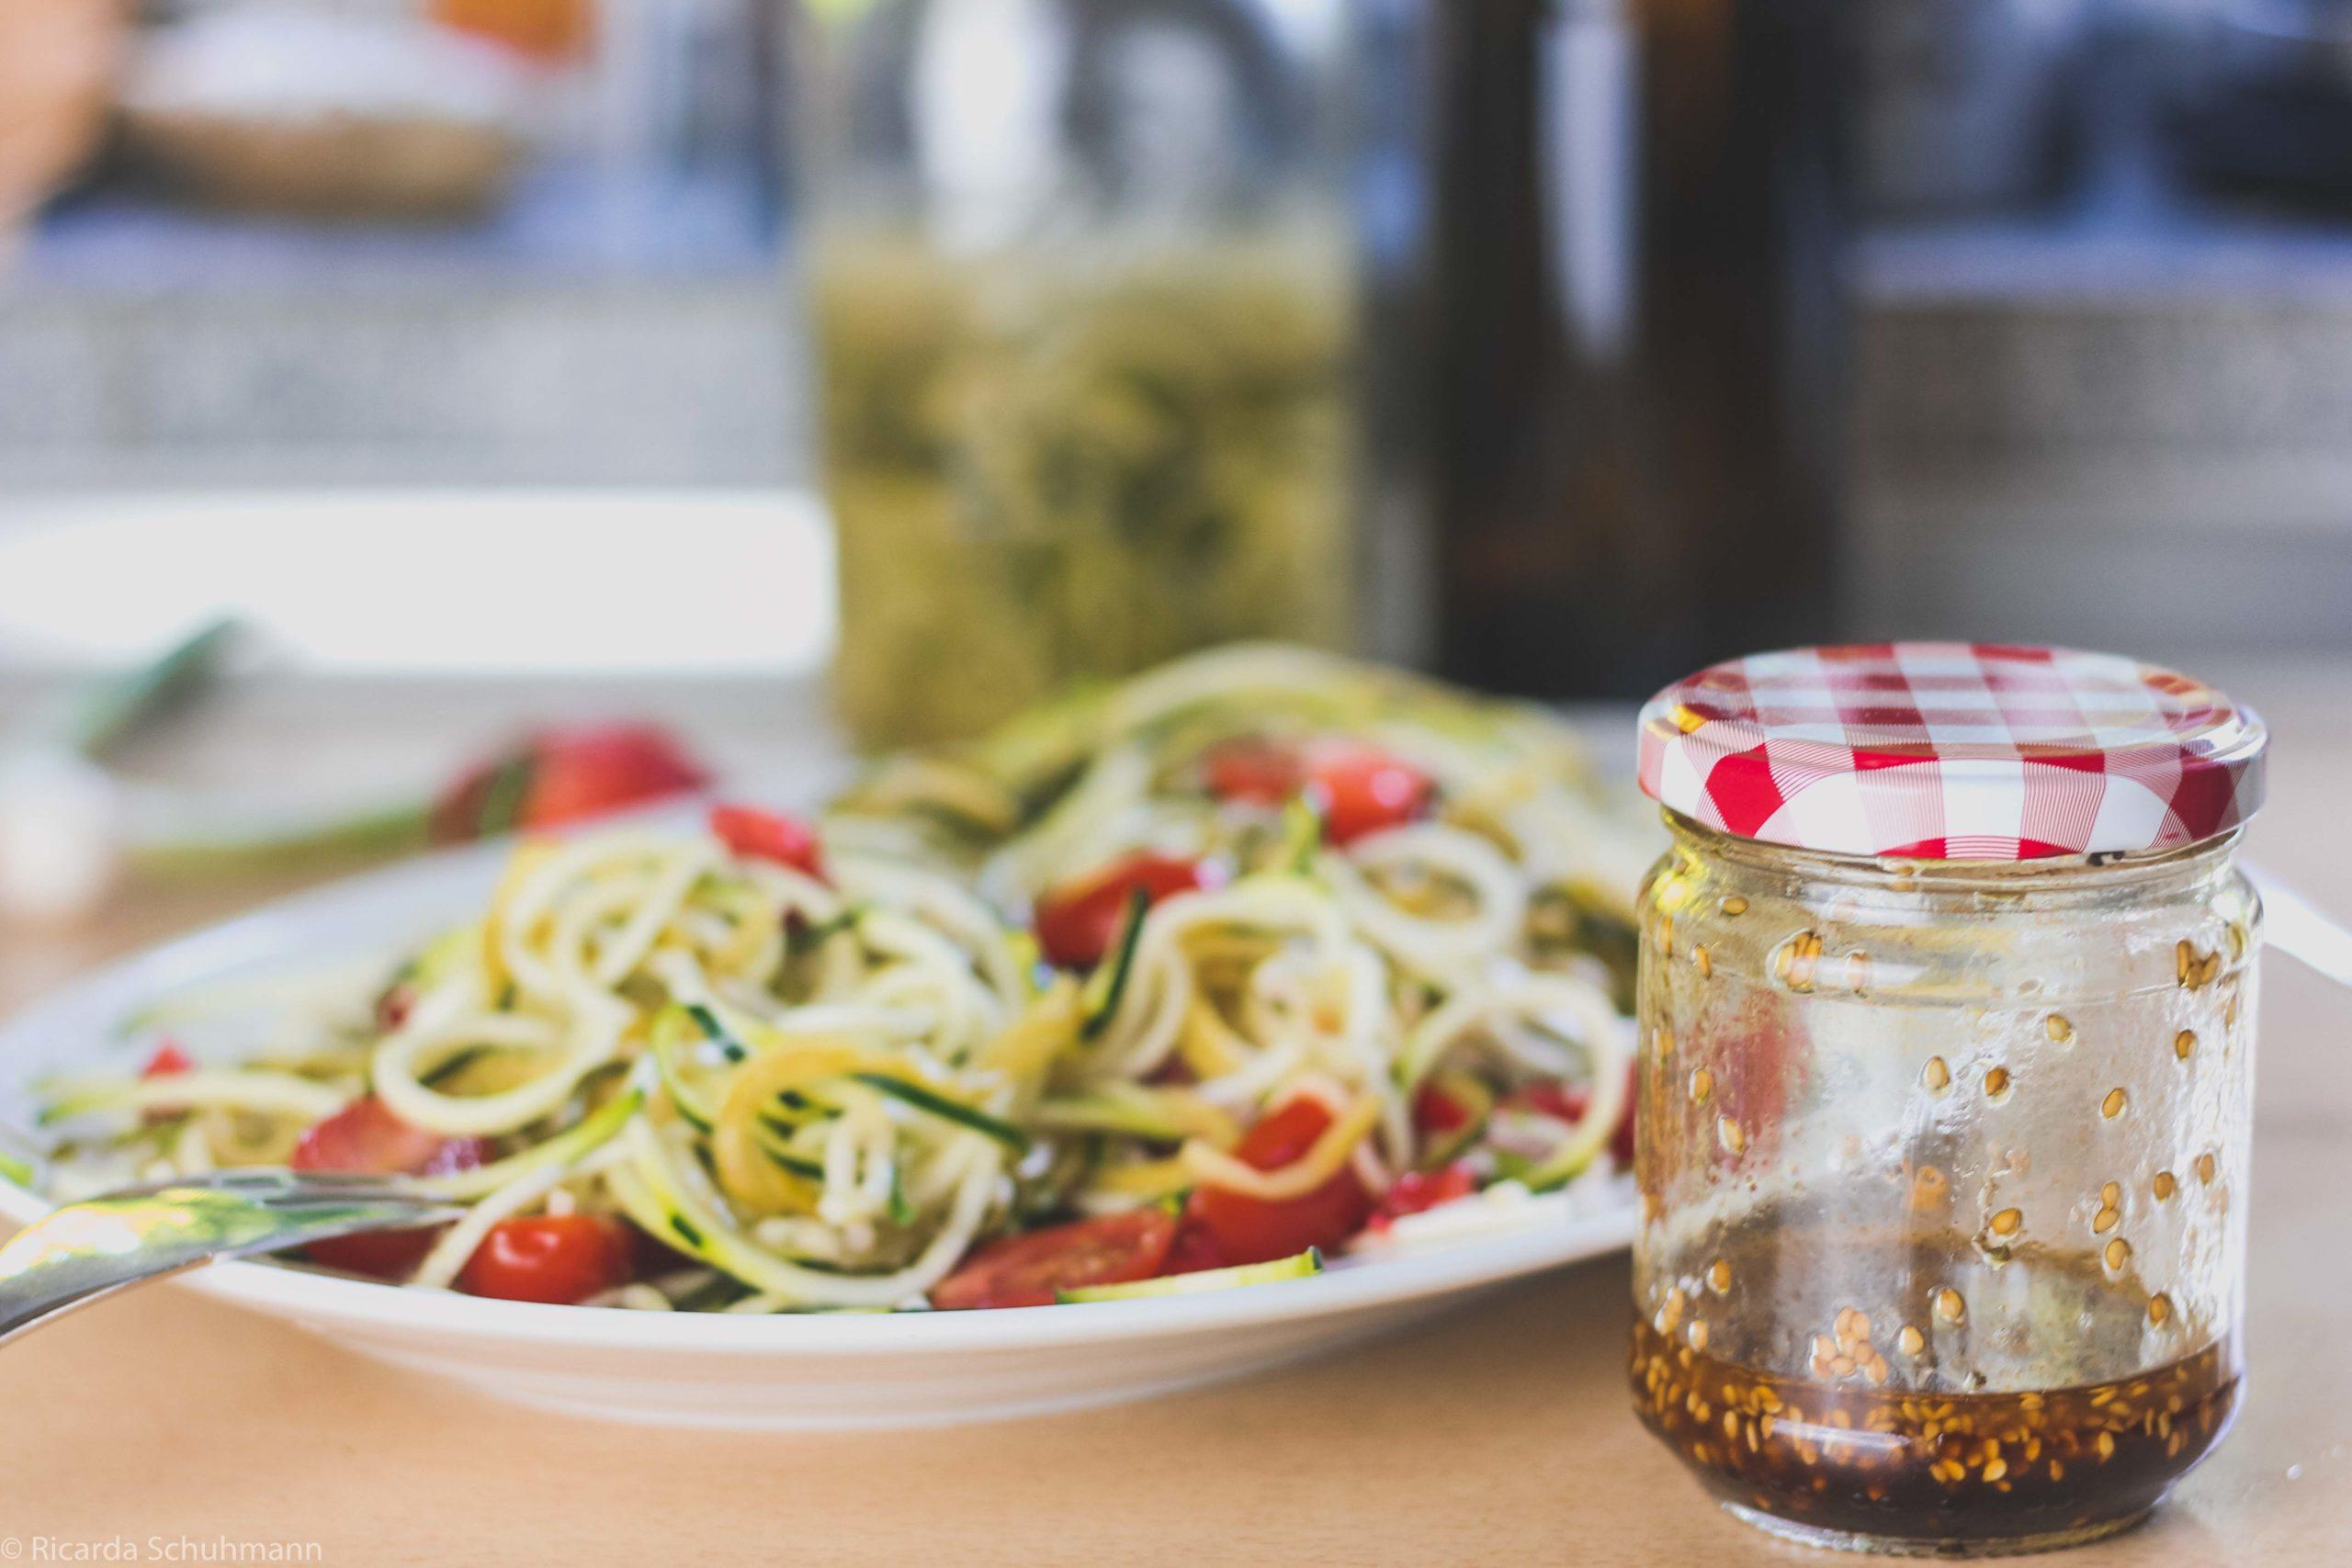 Zucchinisalat mit Zoodles